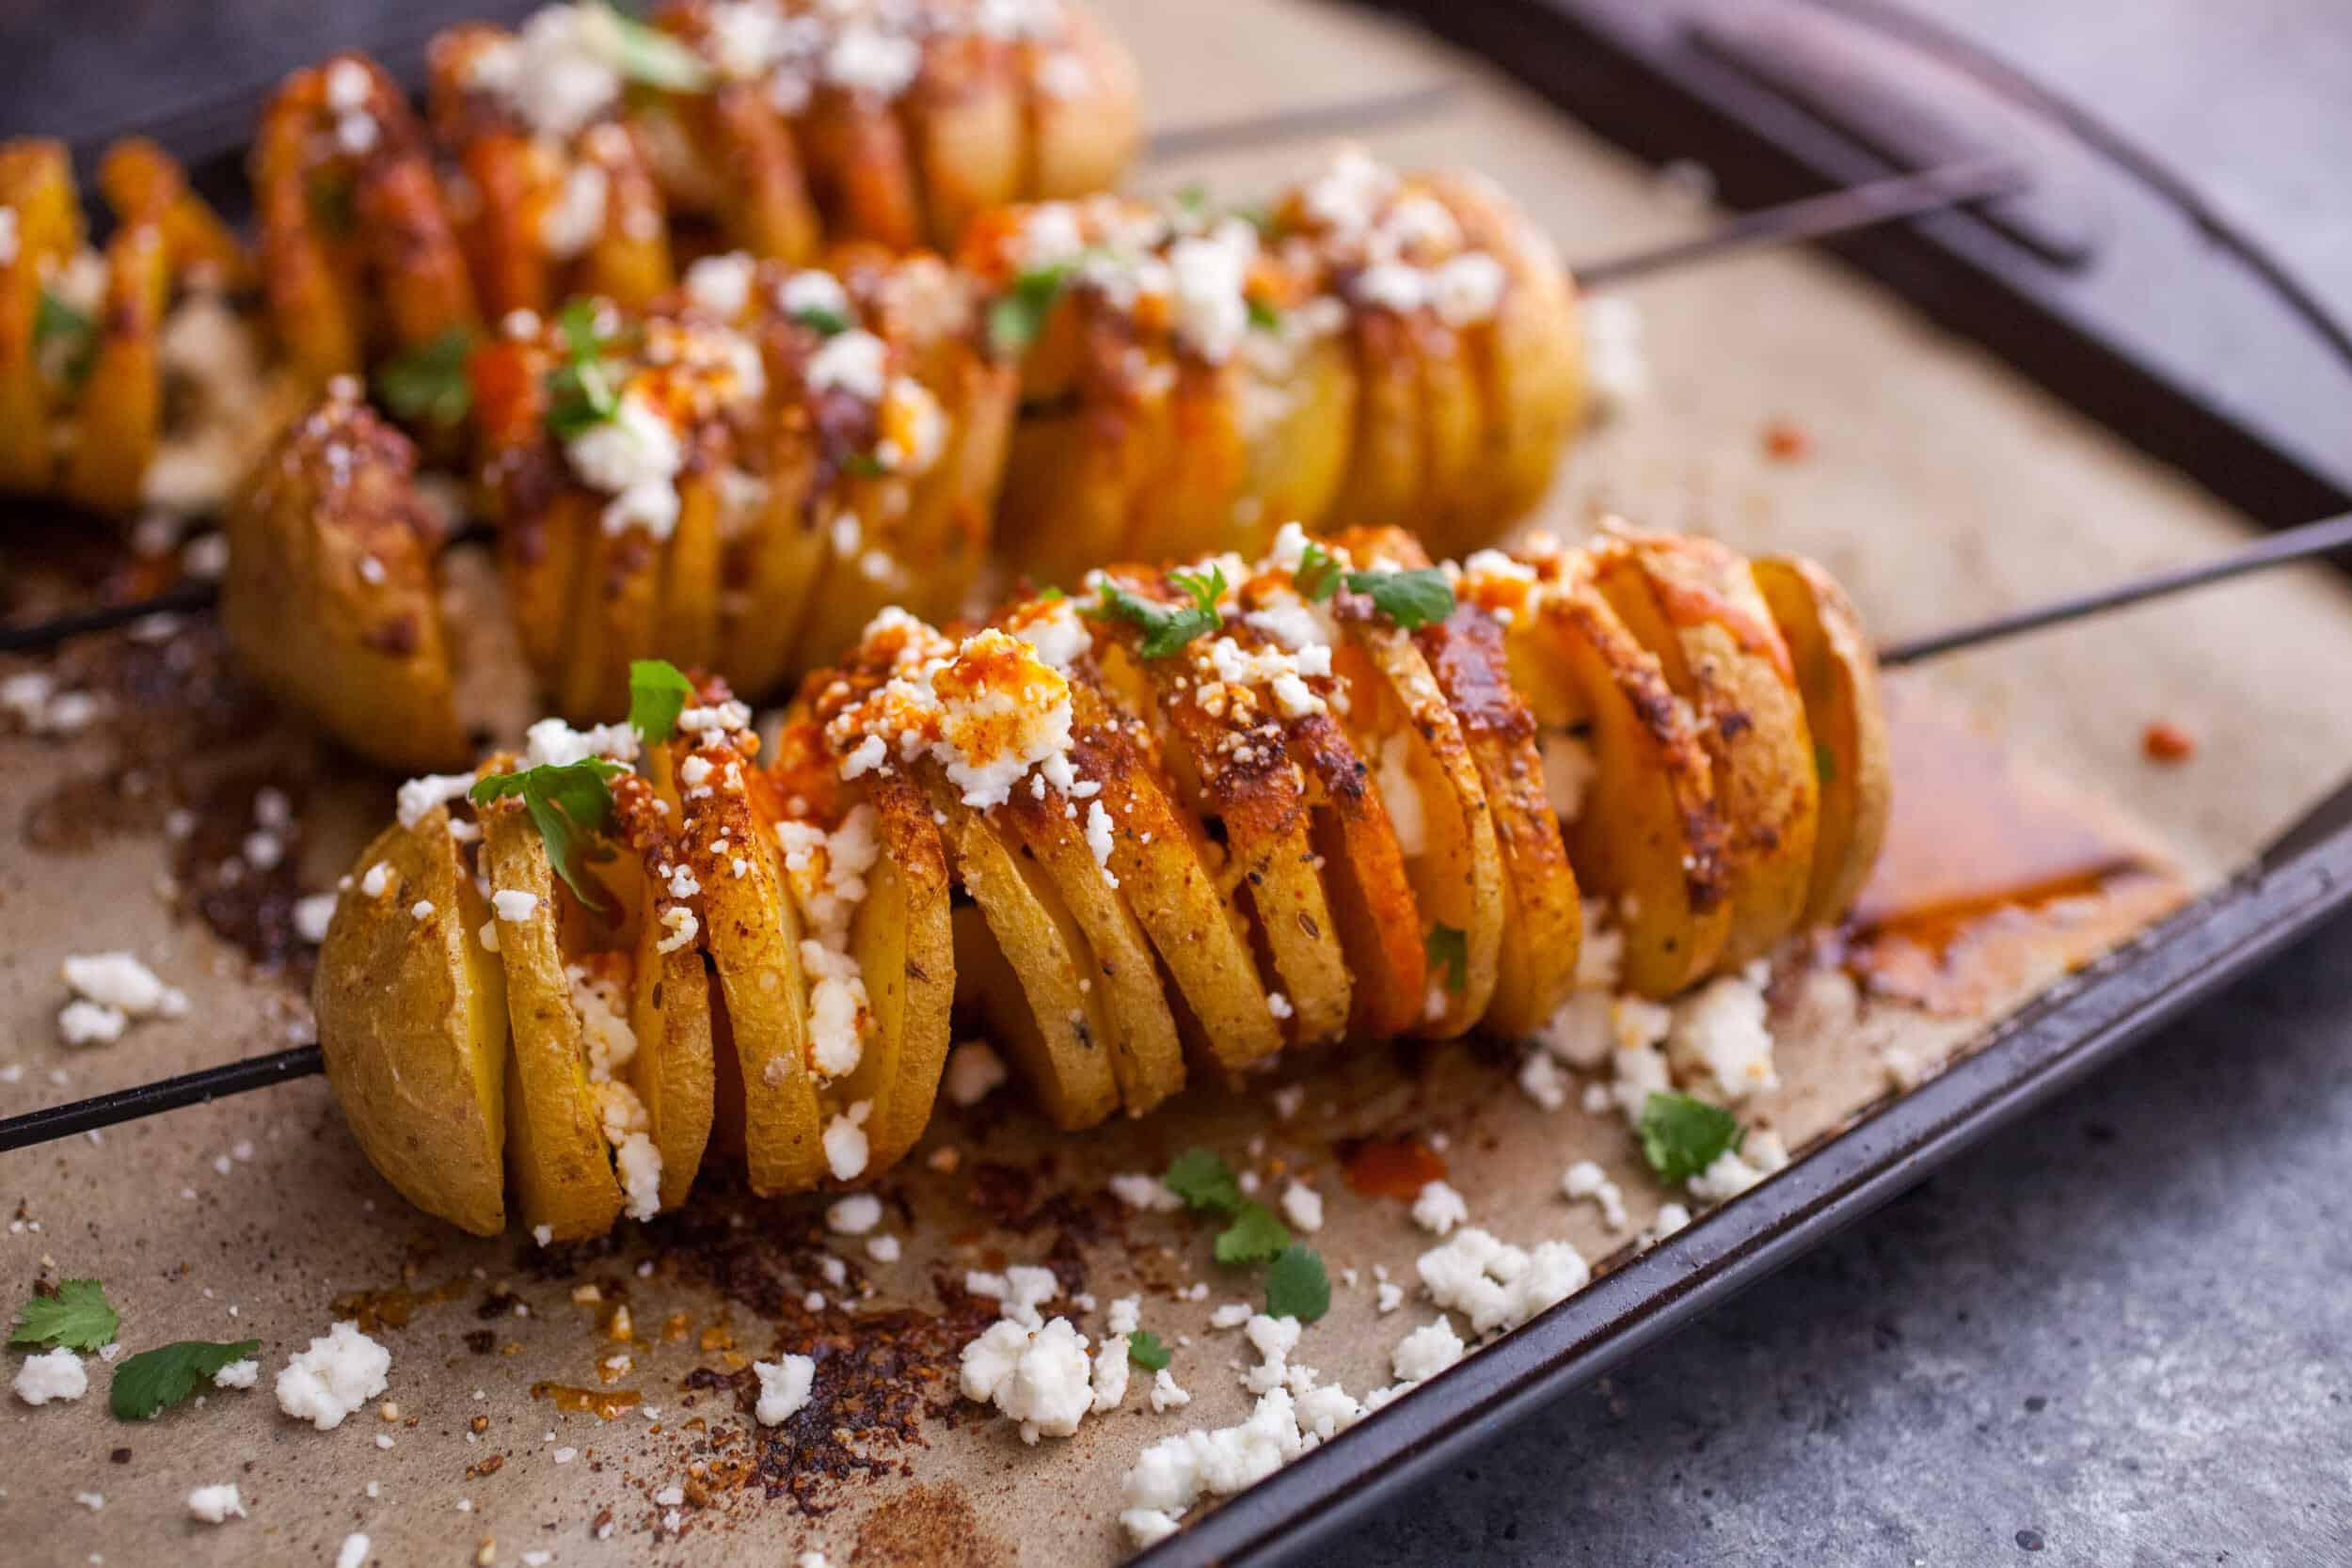 أكلات سريعة التحضير بالبطاطس - طريقة عمل بطاطس تورنادو